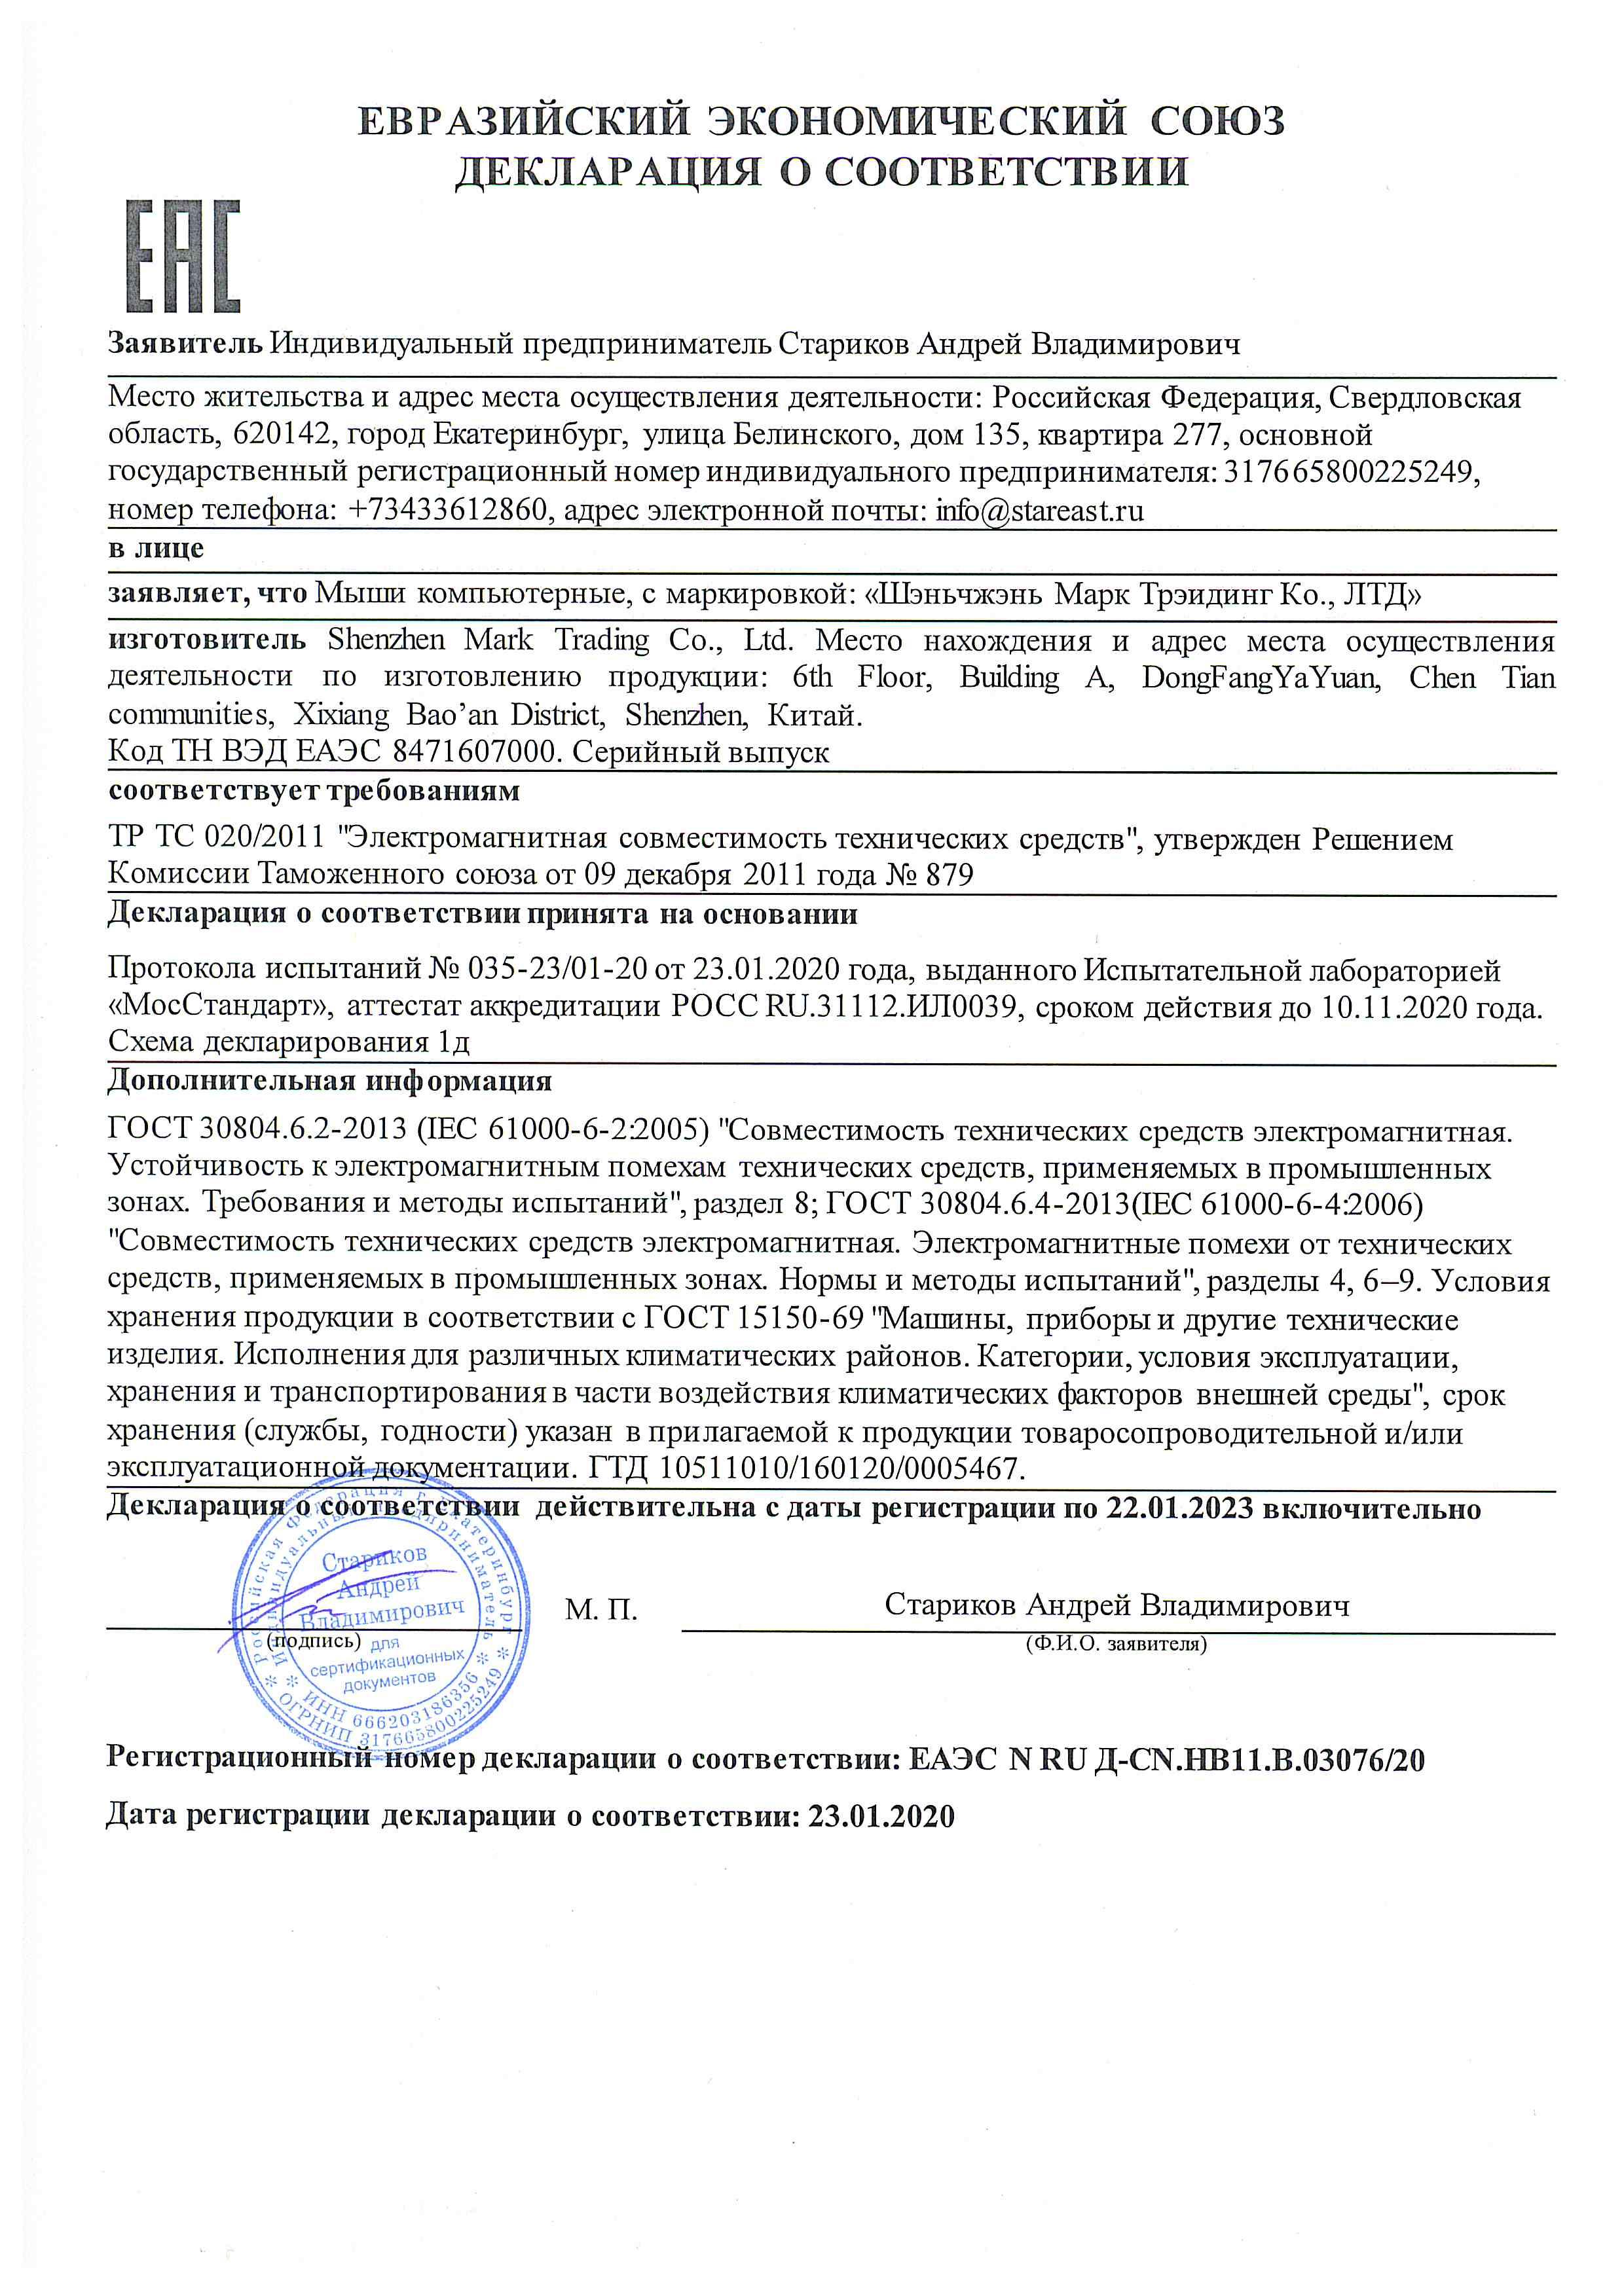 RUD-CN.NV11.V.03076_20.jpg